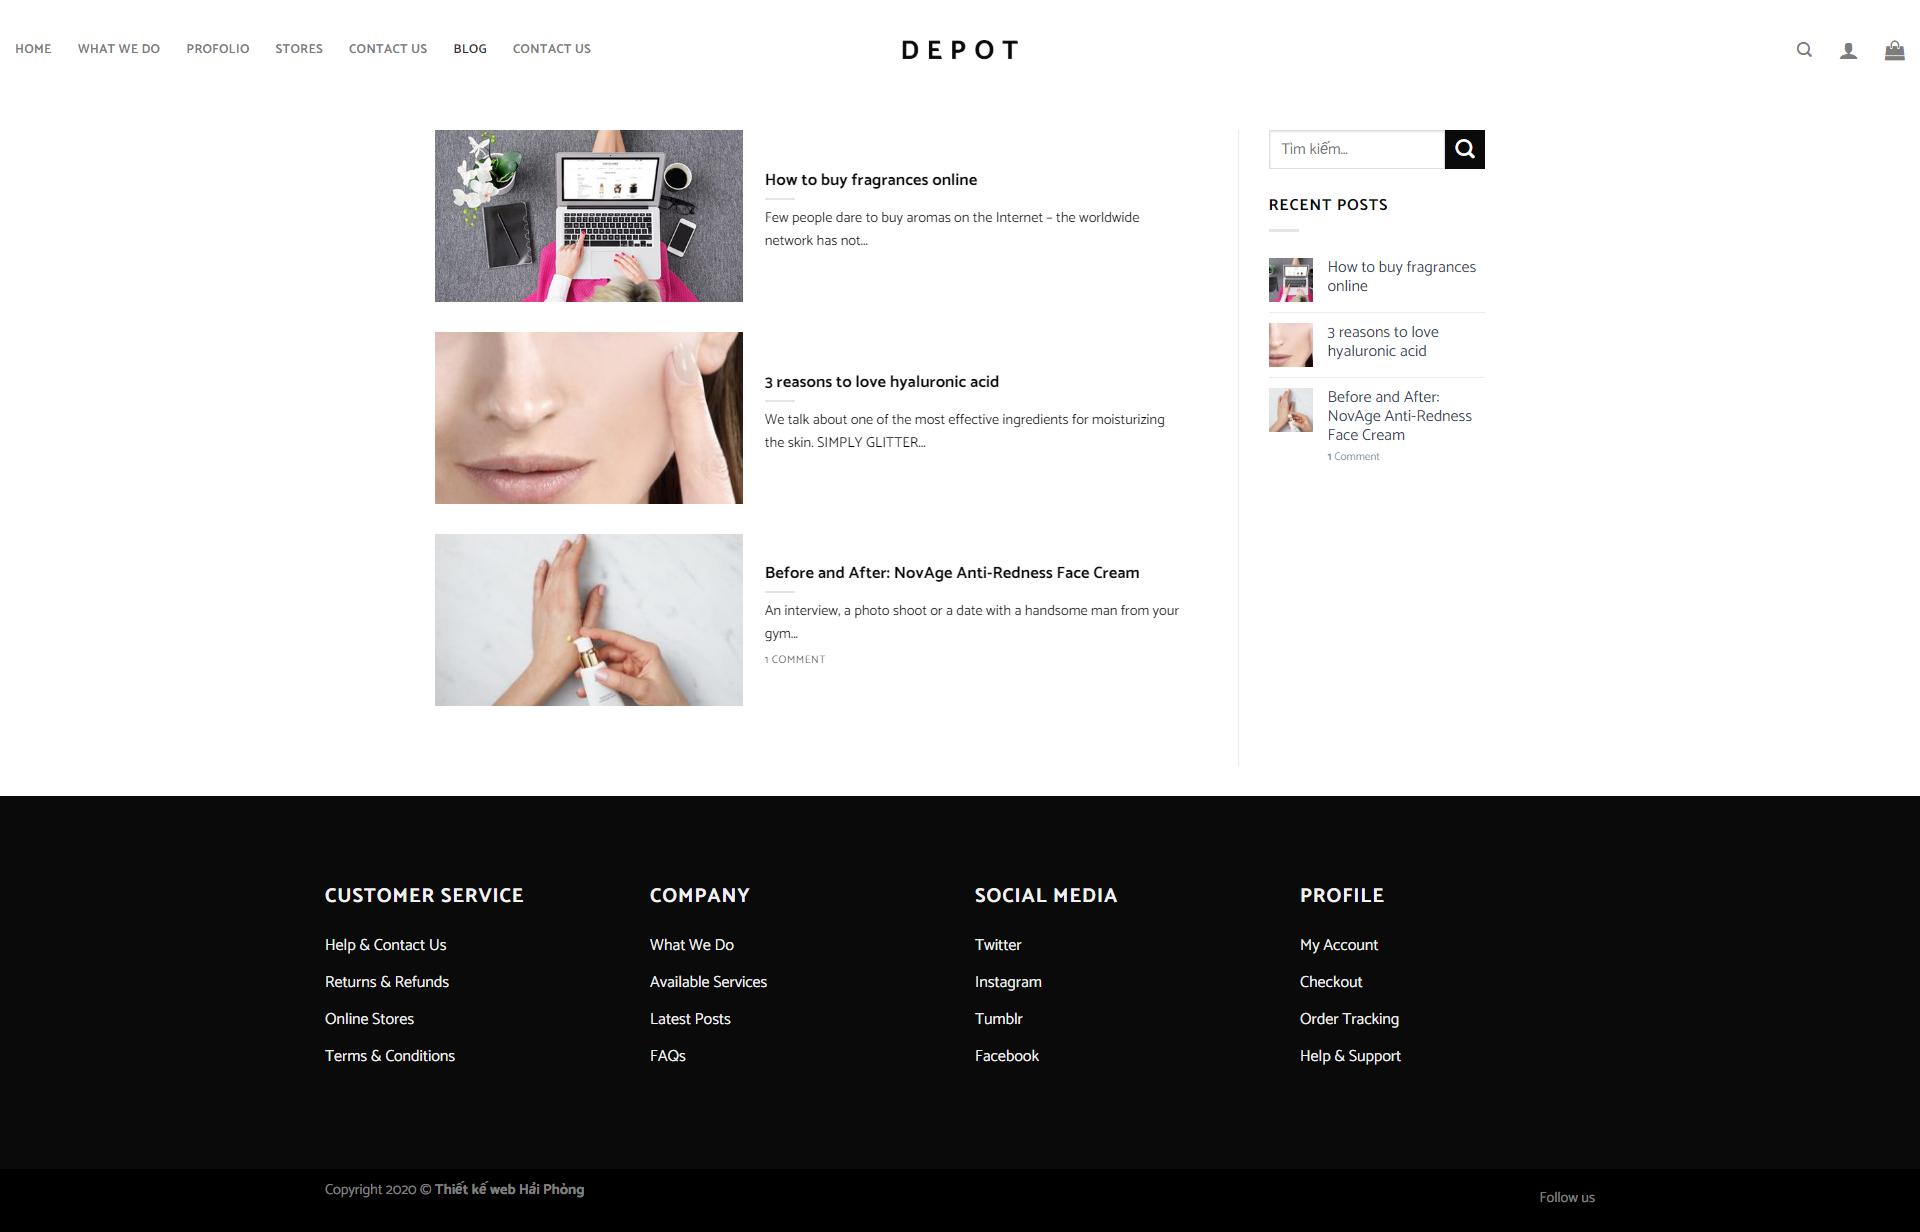 Mẫu web bán hàng phong cách nước ngoài